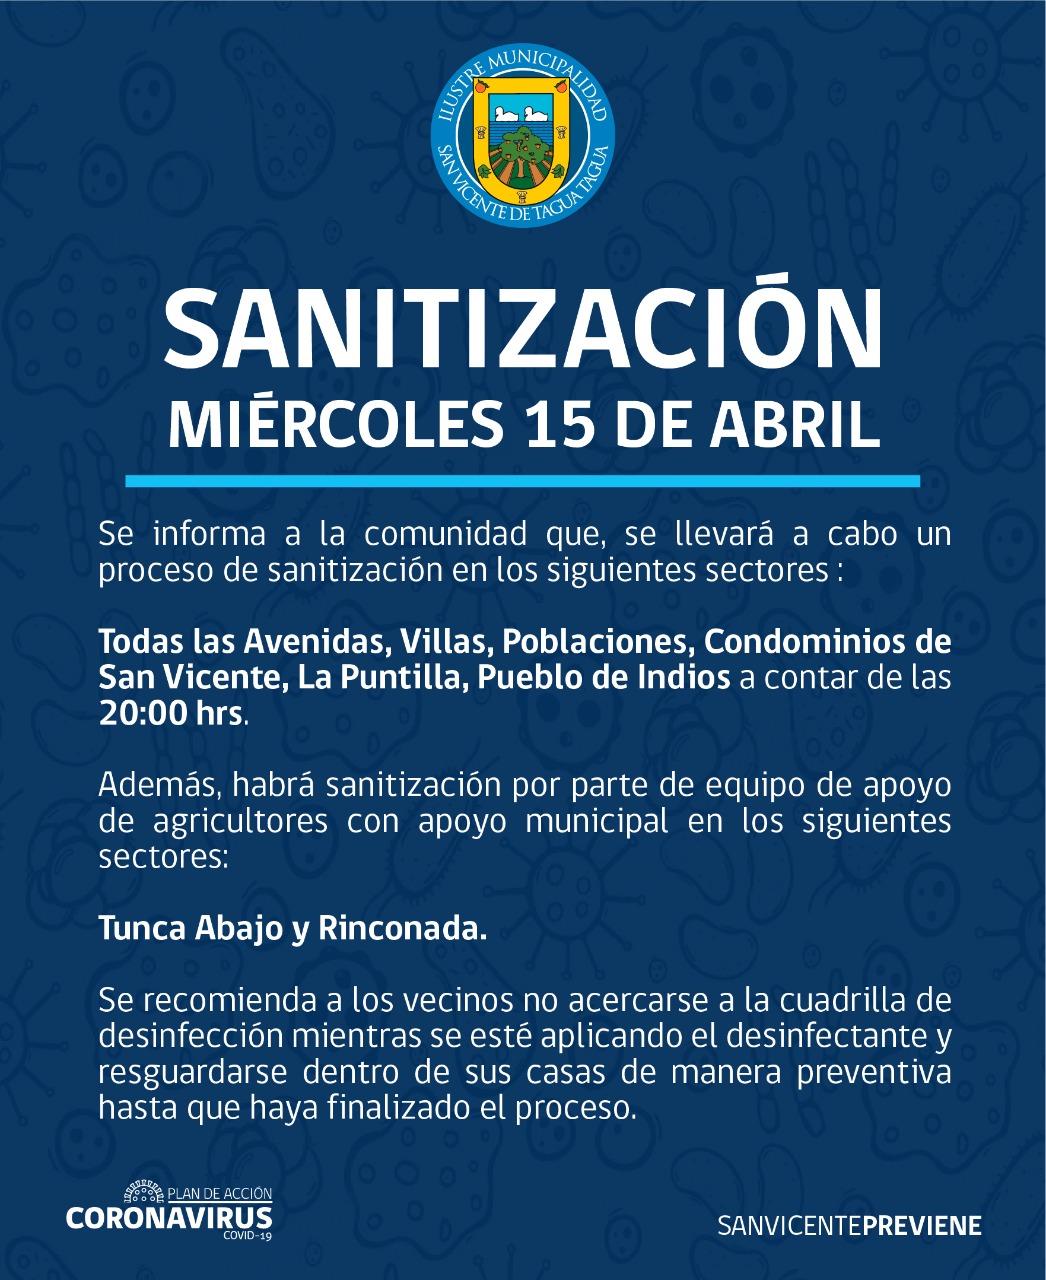 SE INFORMA SANITIZACIÓN PROGRAMADA PARA HOY MIÉRCOLES 15 DE ABRIL